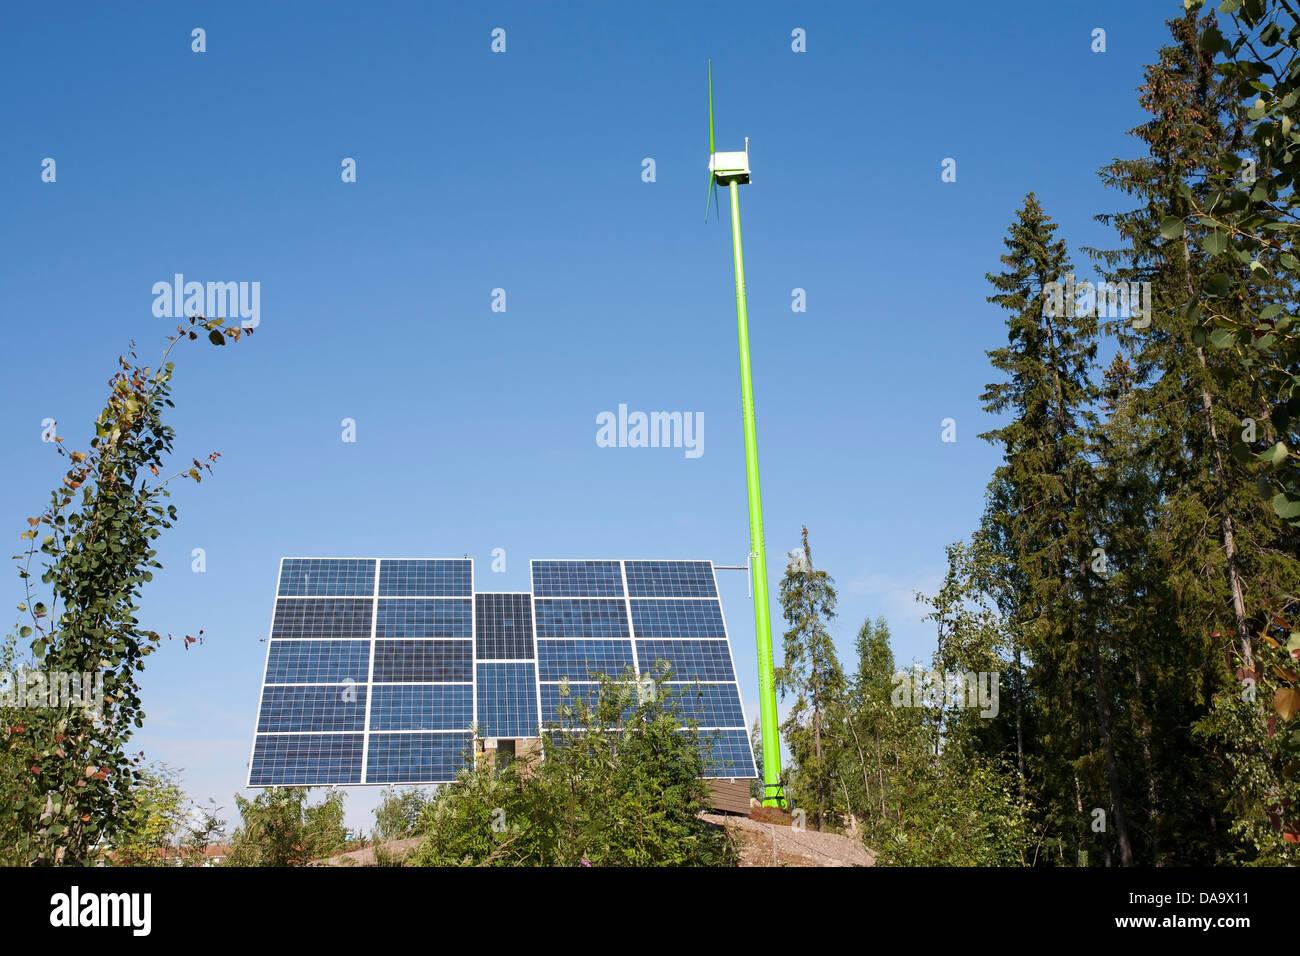 Paneles solares para la producción de electricidad, Lappeenranta Finlandia Imagen De Stock